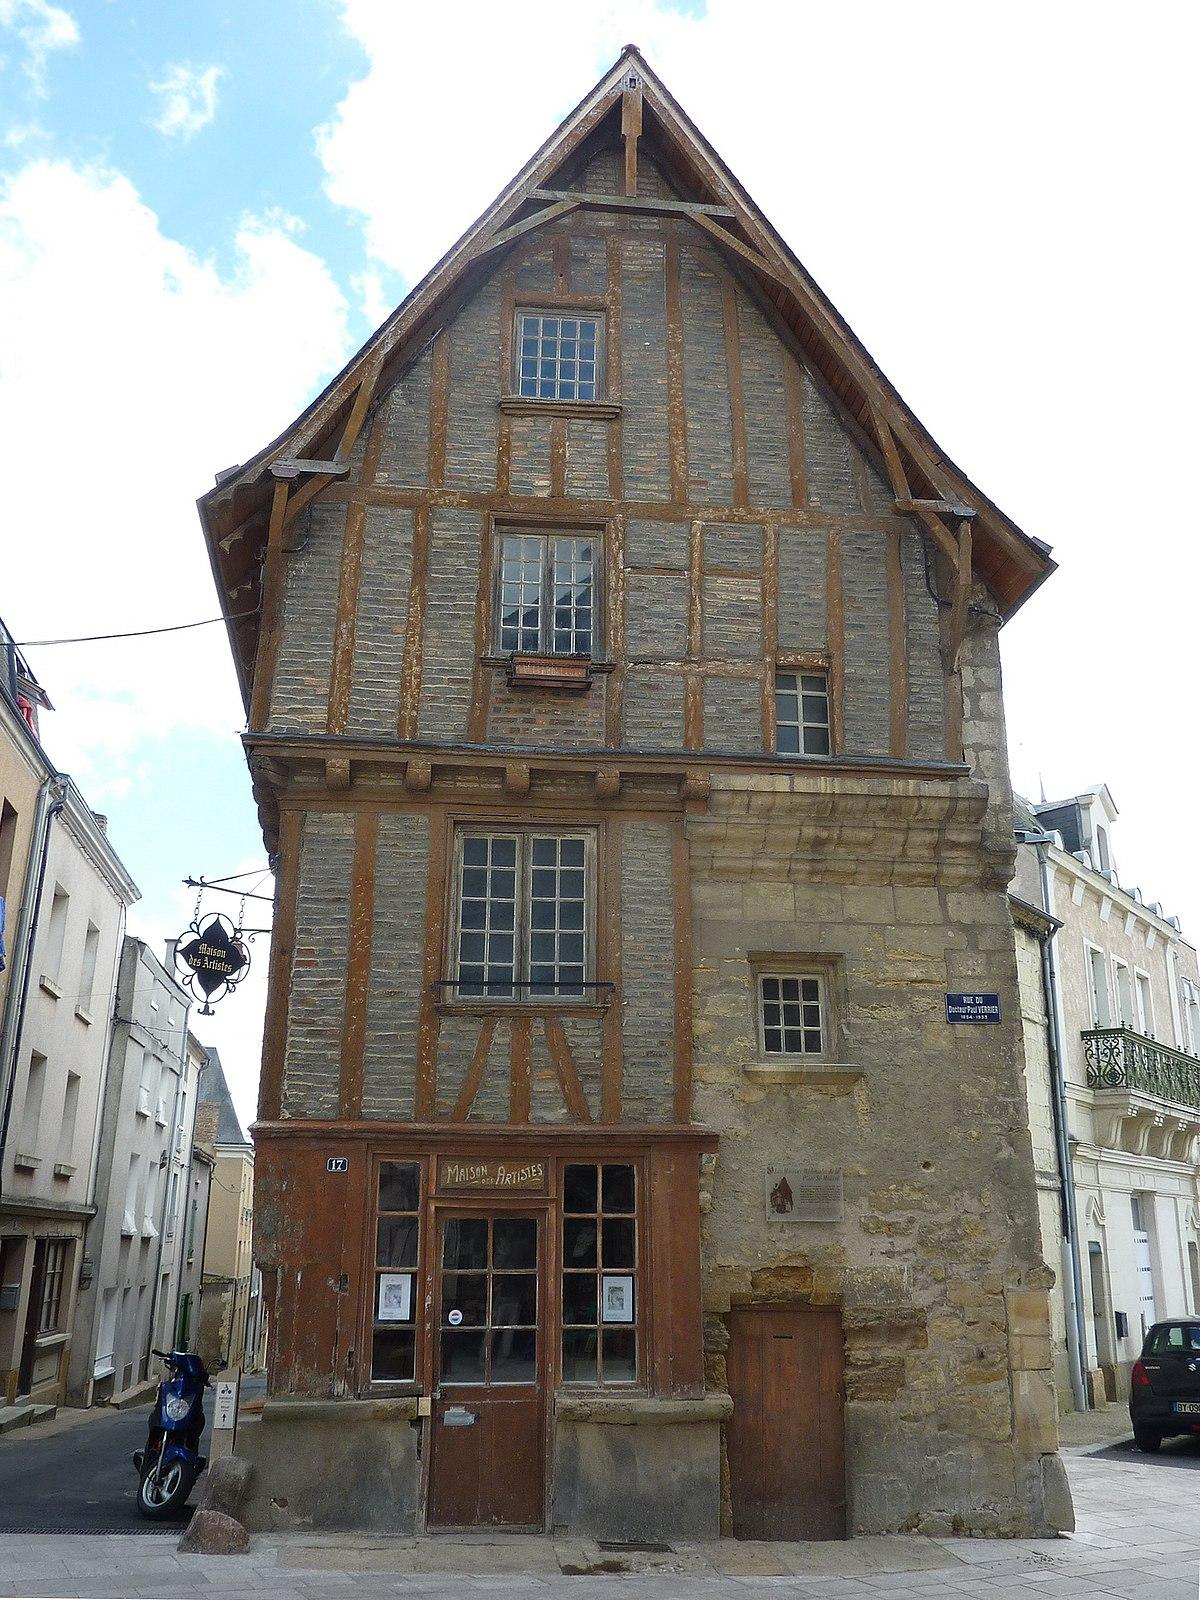 Fichier:5 - Maison des Artistes - Thouars.jpg — Wikipédia